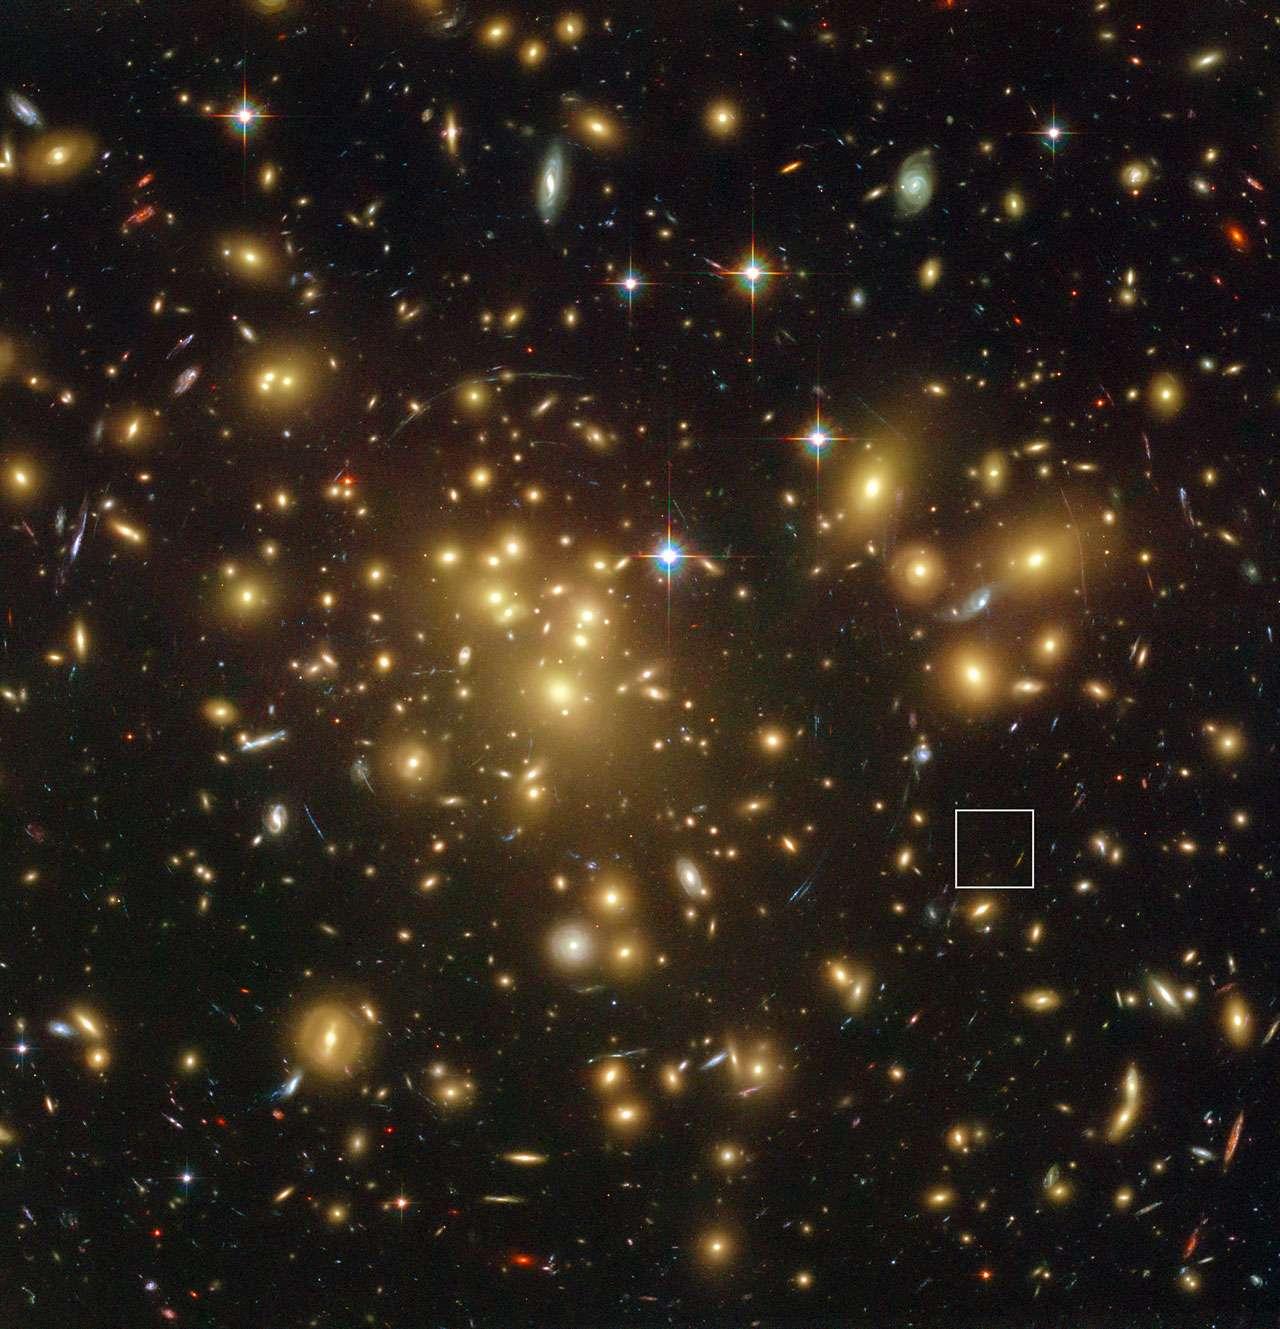 L'immense et massif amas de galaxies Abell 1689 photographié par Hubble. La lumière d'objets plus distants est déviée par l'énorme concentration de galaxies, ce qui peut augmenter leur luminosité au point de les rendre visibles comme dans le cas de l'objet A1689-zD1 (encadrement à droite). Sa luminosité a été amplifiée d'un facteur 9. Son décalage vers le rouge (redshift) est de 7,5. © Nasa, Esa, L. Bradley et H. Ford (Johns Hopkins University), R. Bouwens et G. Illingworth (University of California)